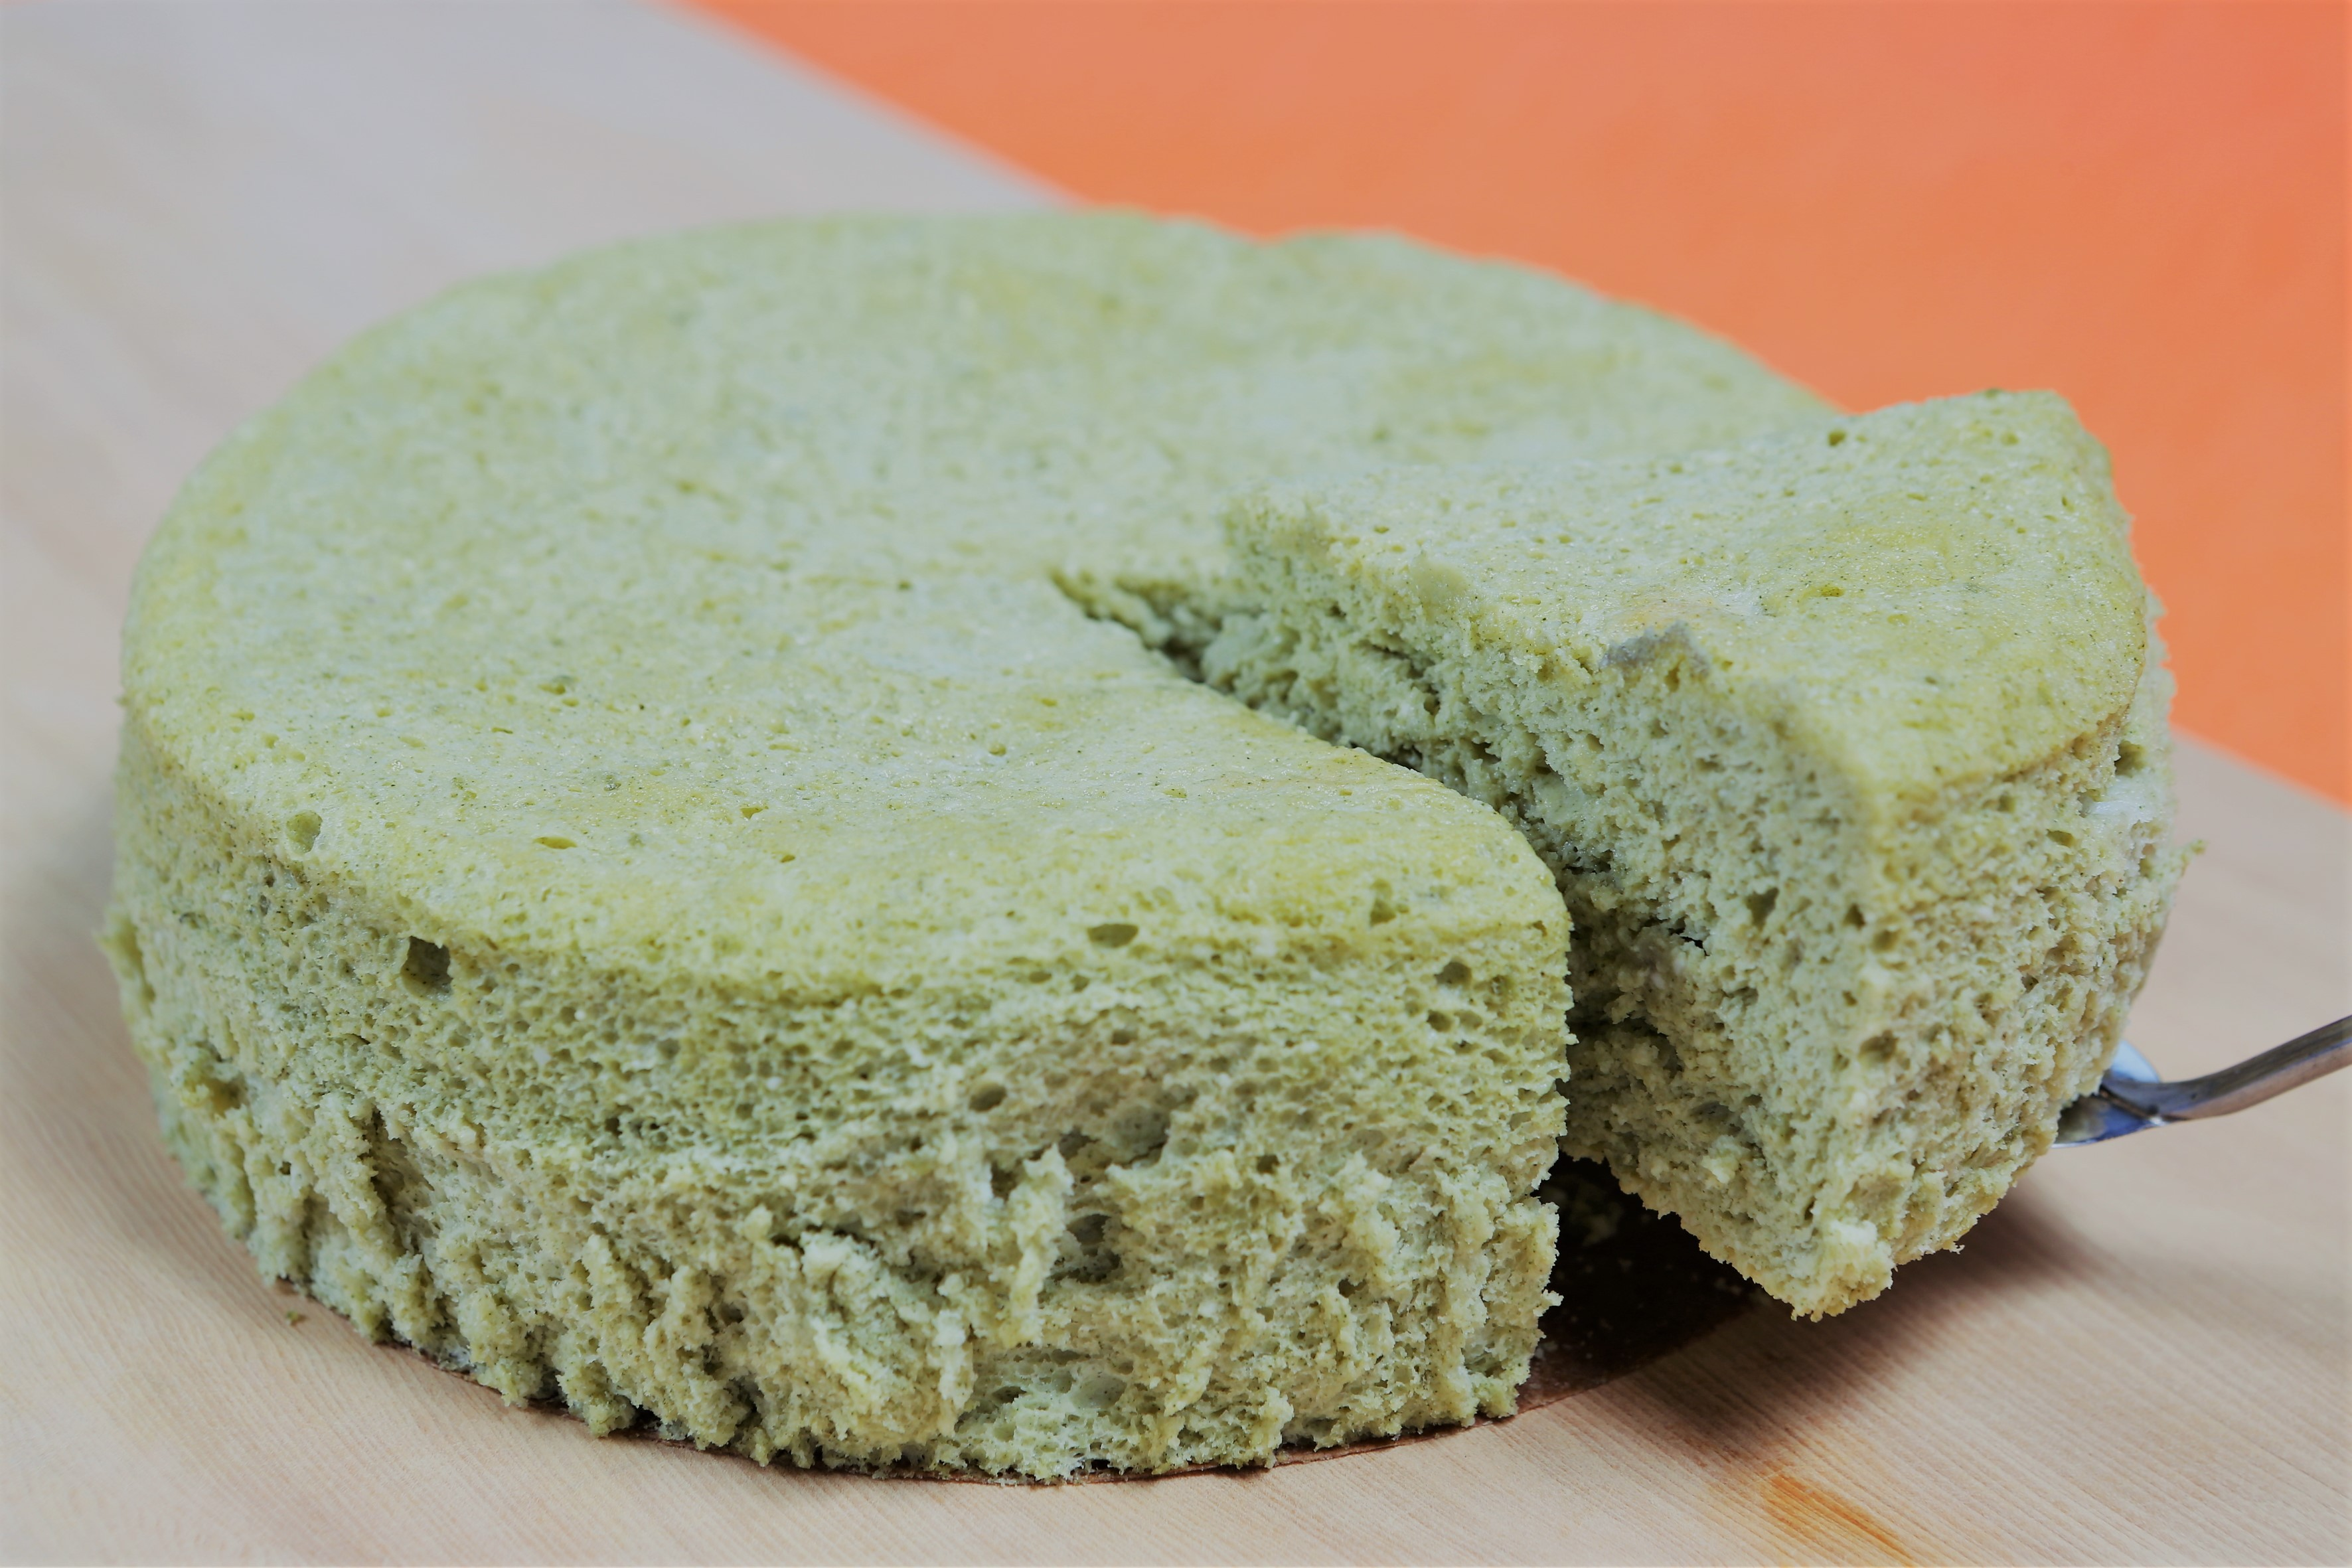 モロヘイヤ粉末入りスフレチーズケーキ